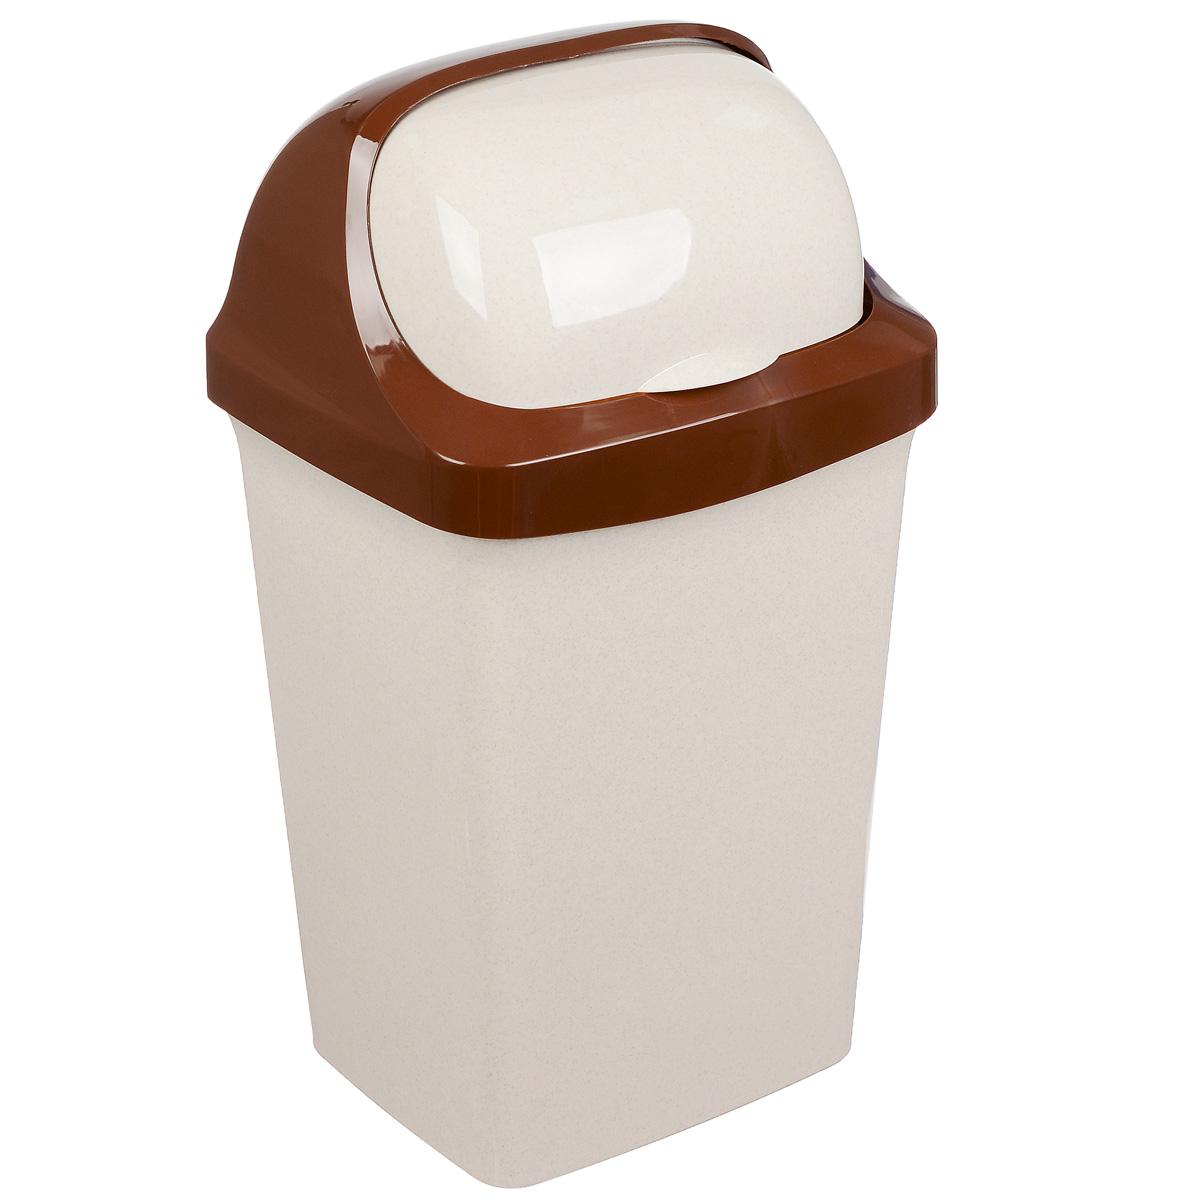 Контейнер для мусора Idea Ролл Топ, цвет: бежевый мрамор, 25 лМ 2467Контейнер для мусора Idea Ролл Топ изготовлен из прочного полипропилена (пластика). Контейнер снабжен удобной съемной крышкой с подвижной перегородкой. Благодаря лаконичному дизайну такой контейнер идеально впишется в интерьер и дома, и офиса.